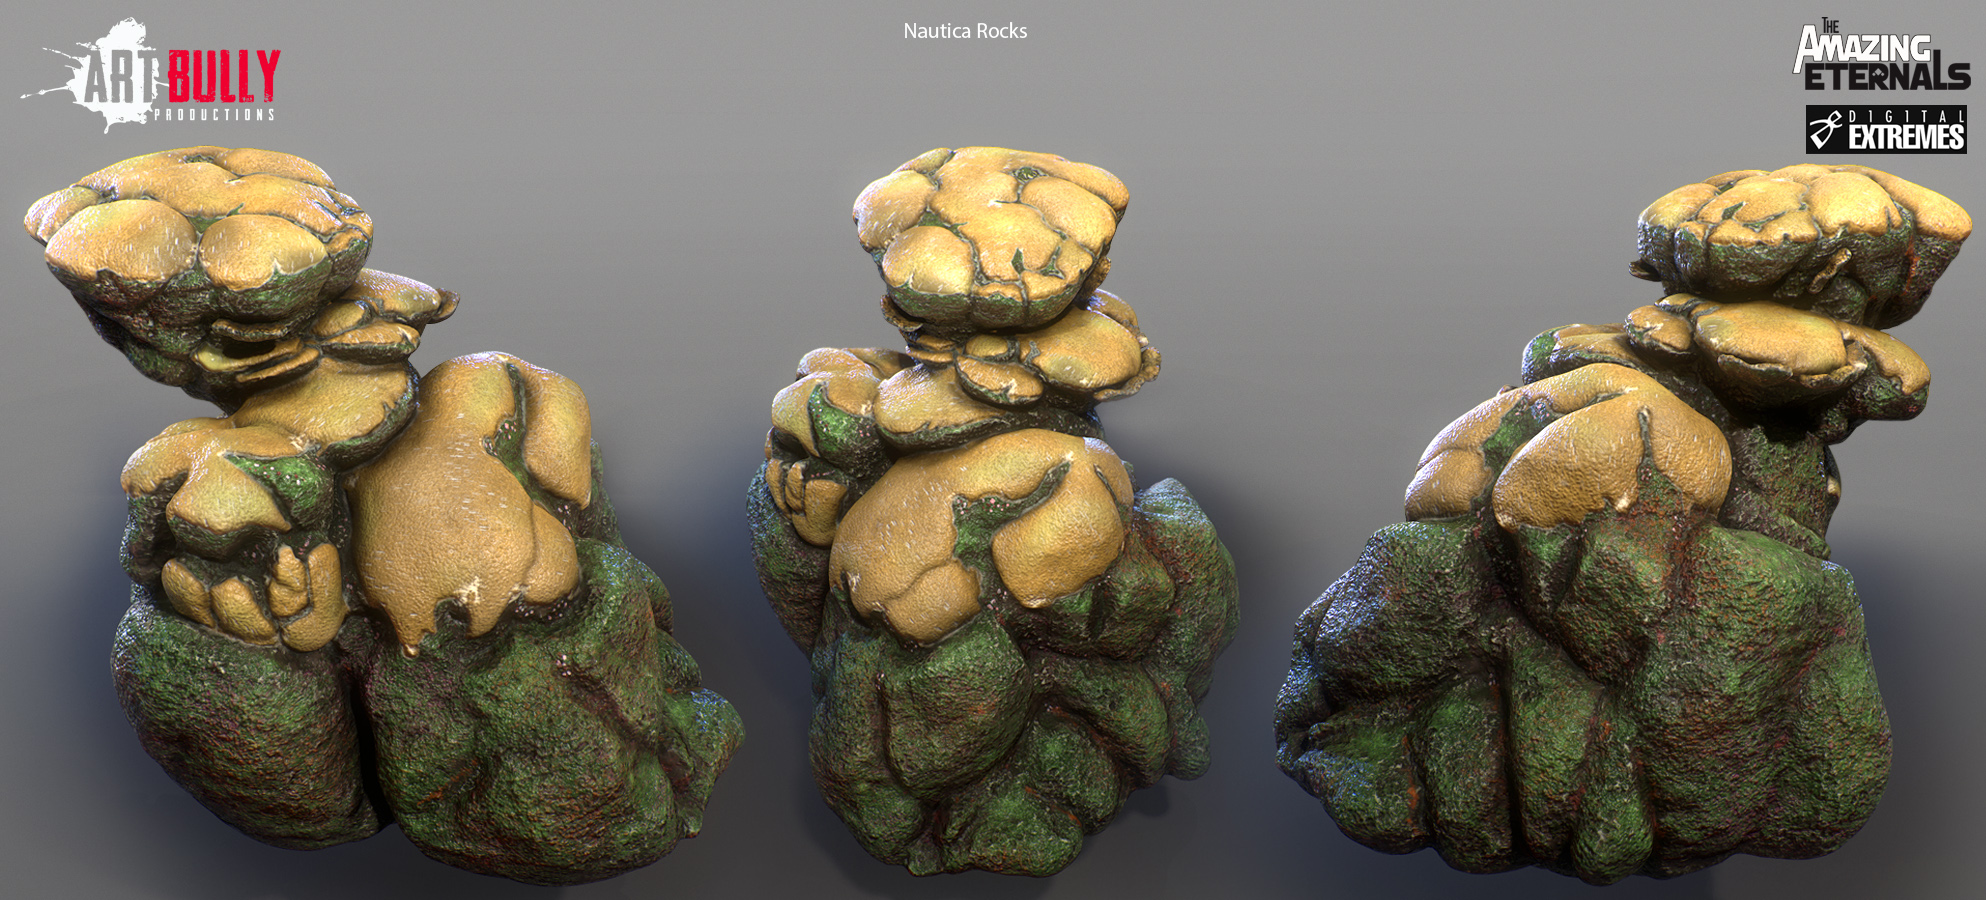 Nautica_Rocks_Render.jpg